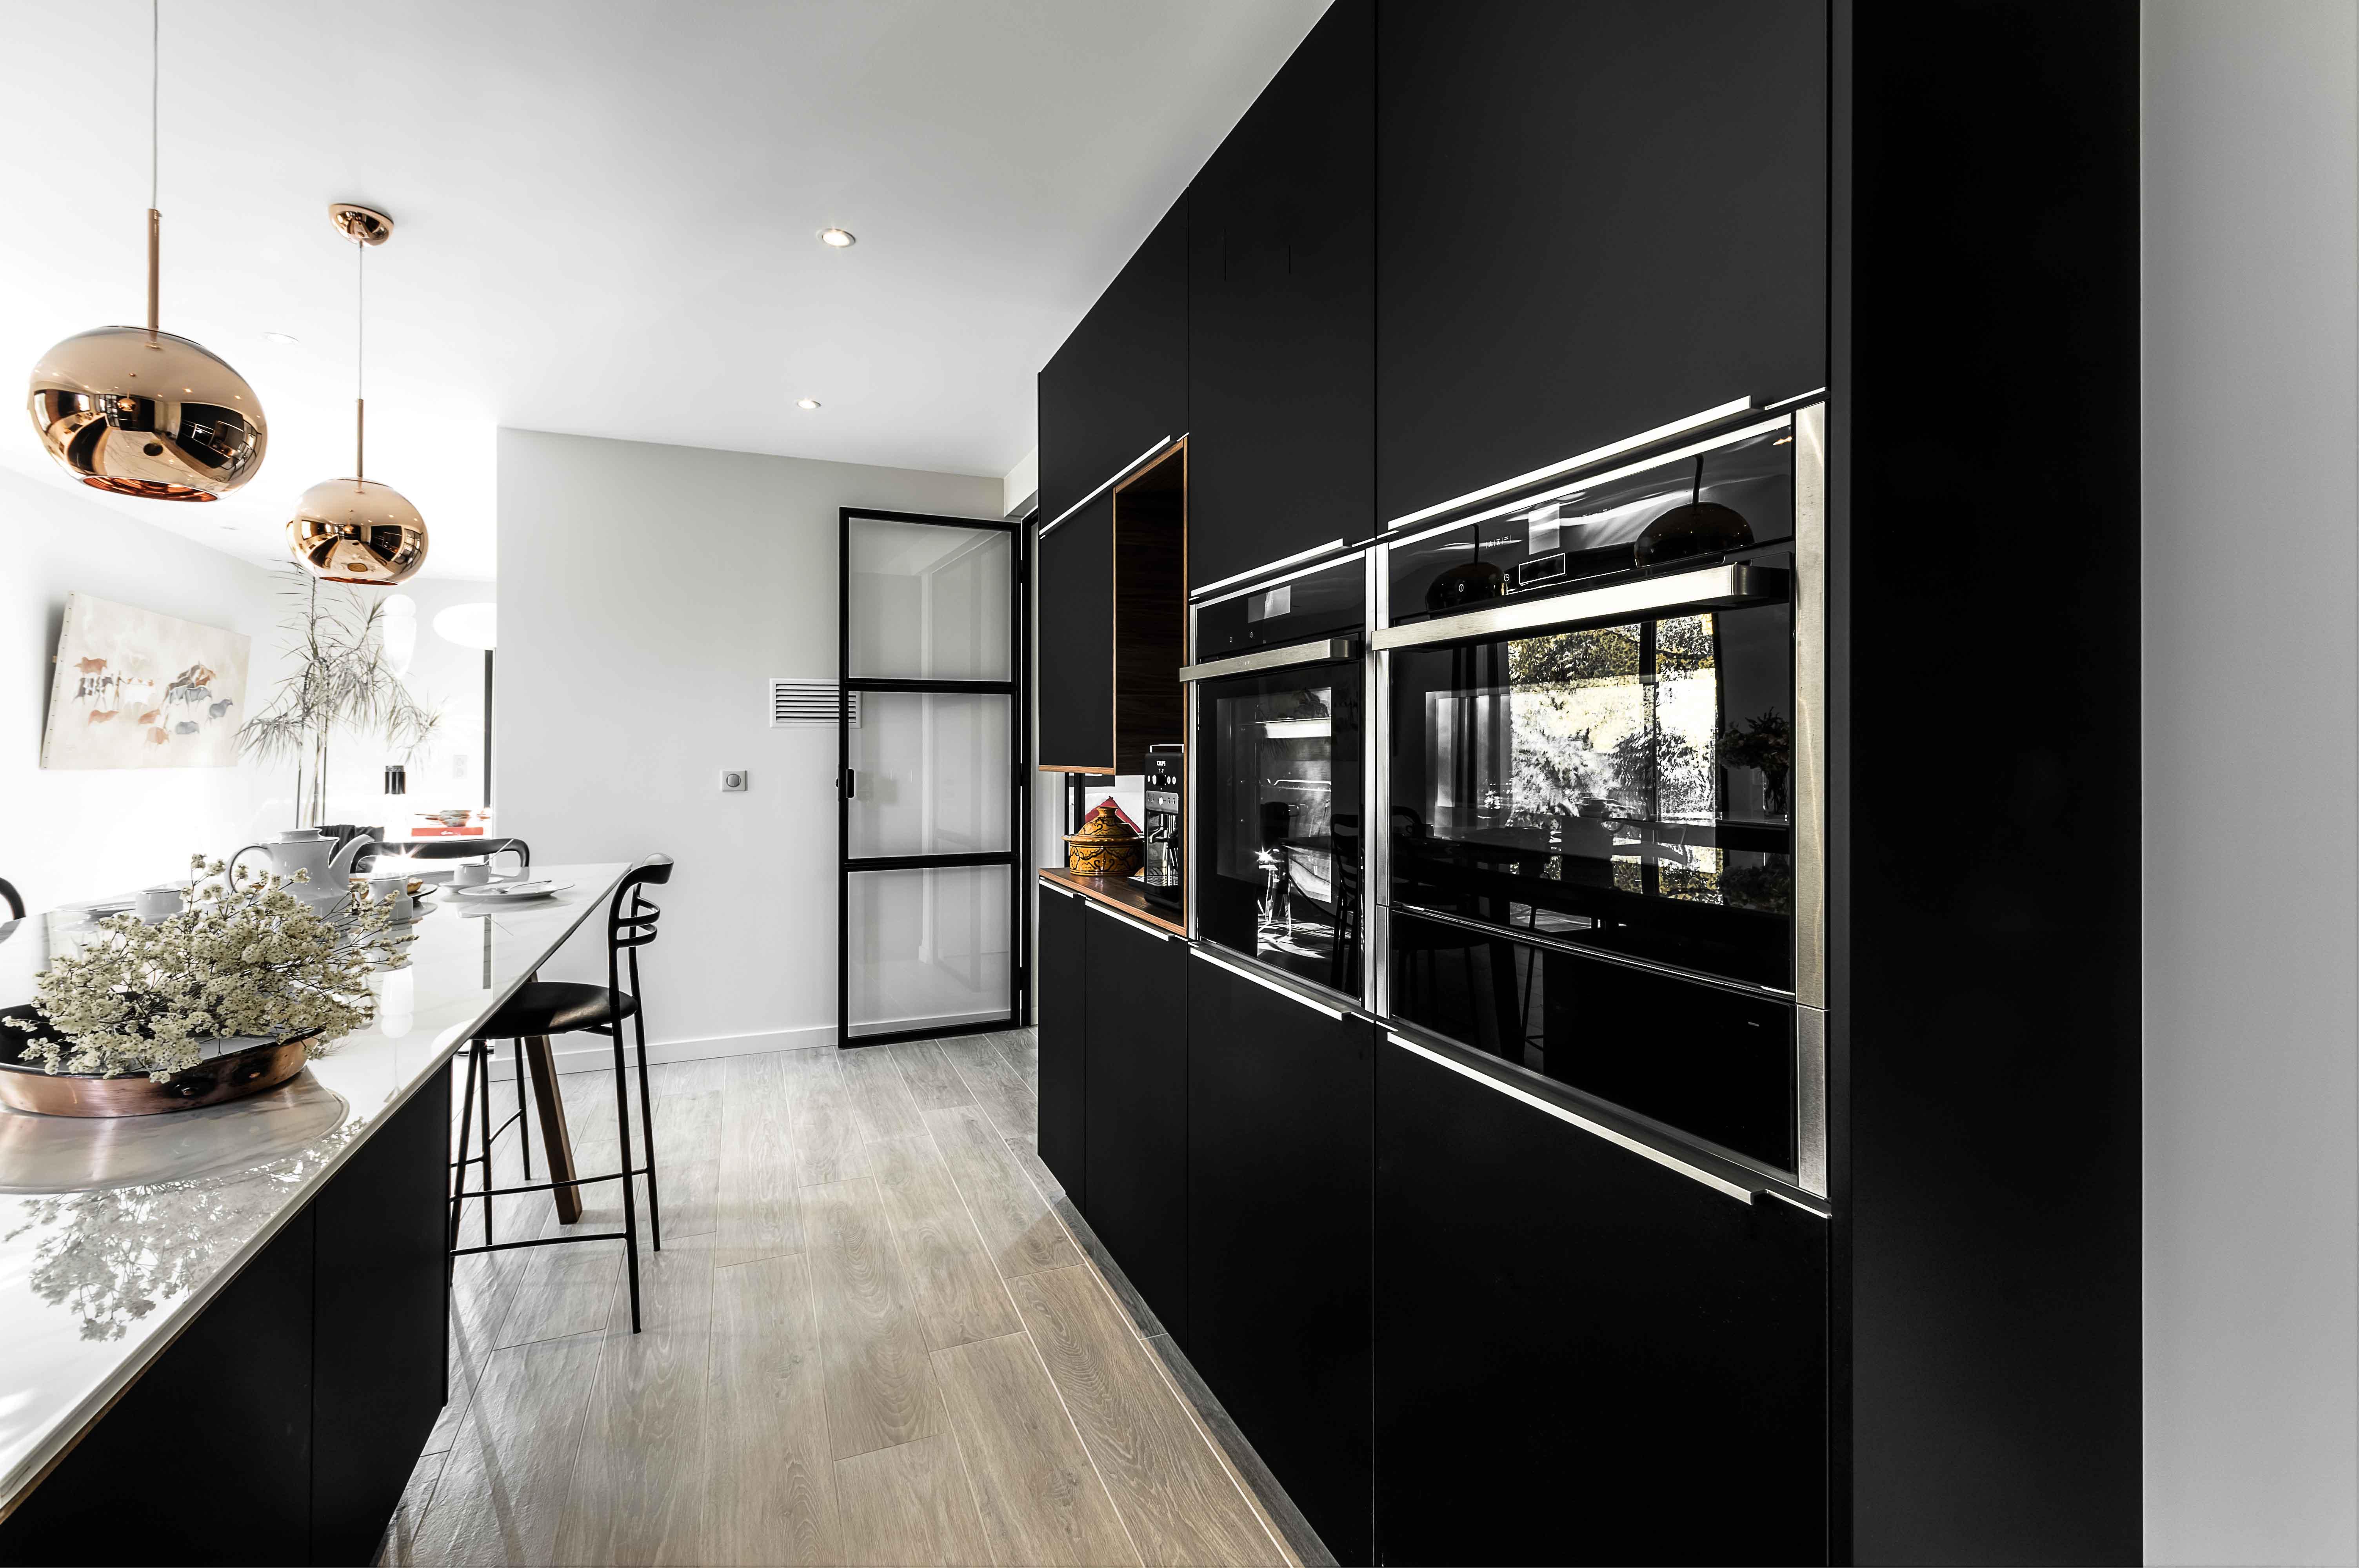 plan sur l'espace de rangement de l'électroménager de la cuisine chic moderne aux influences contemporaine et nordique